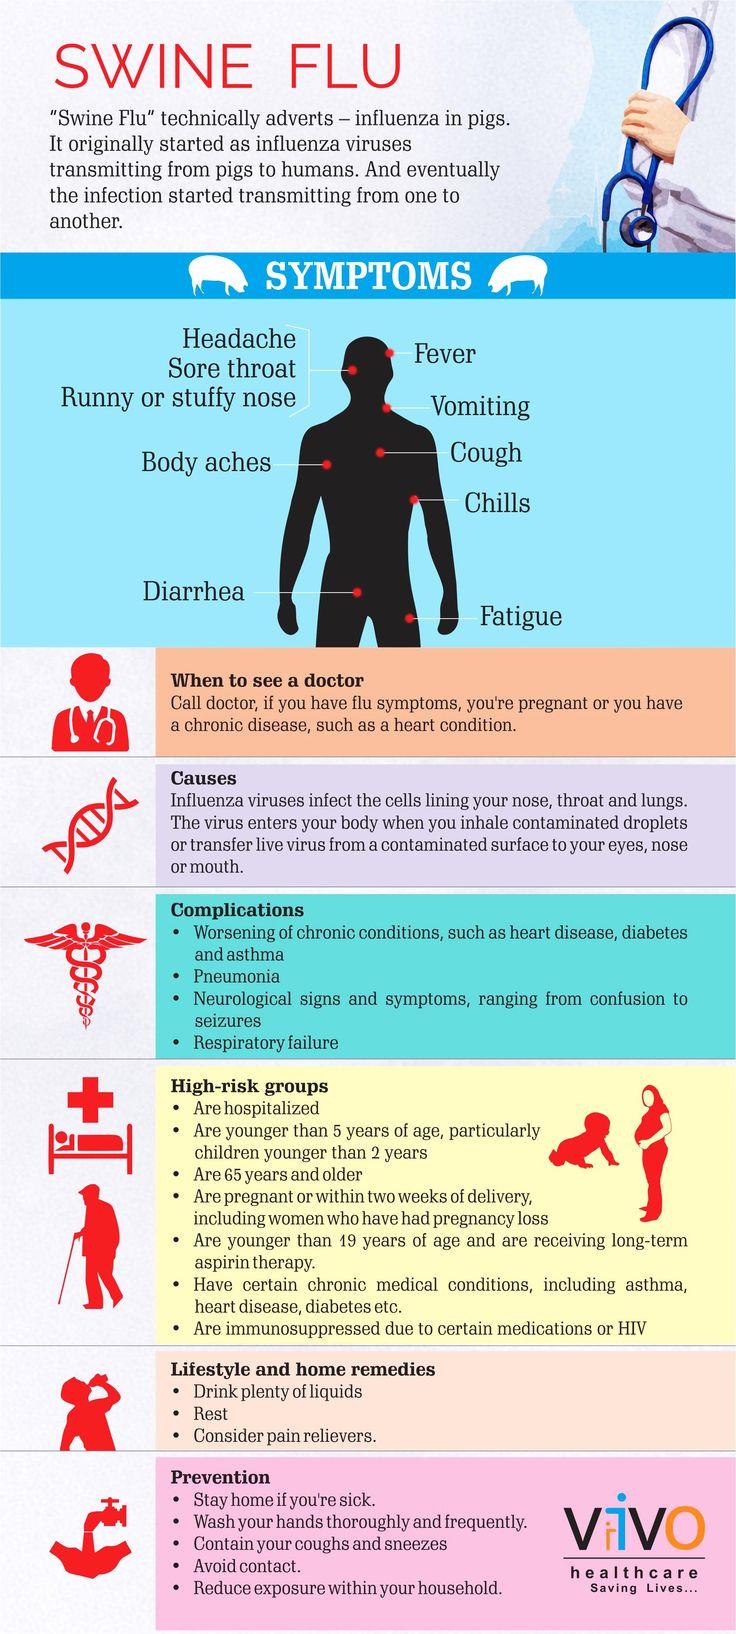 2009 H1N1 Flu (